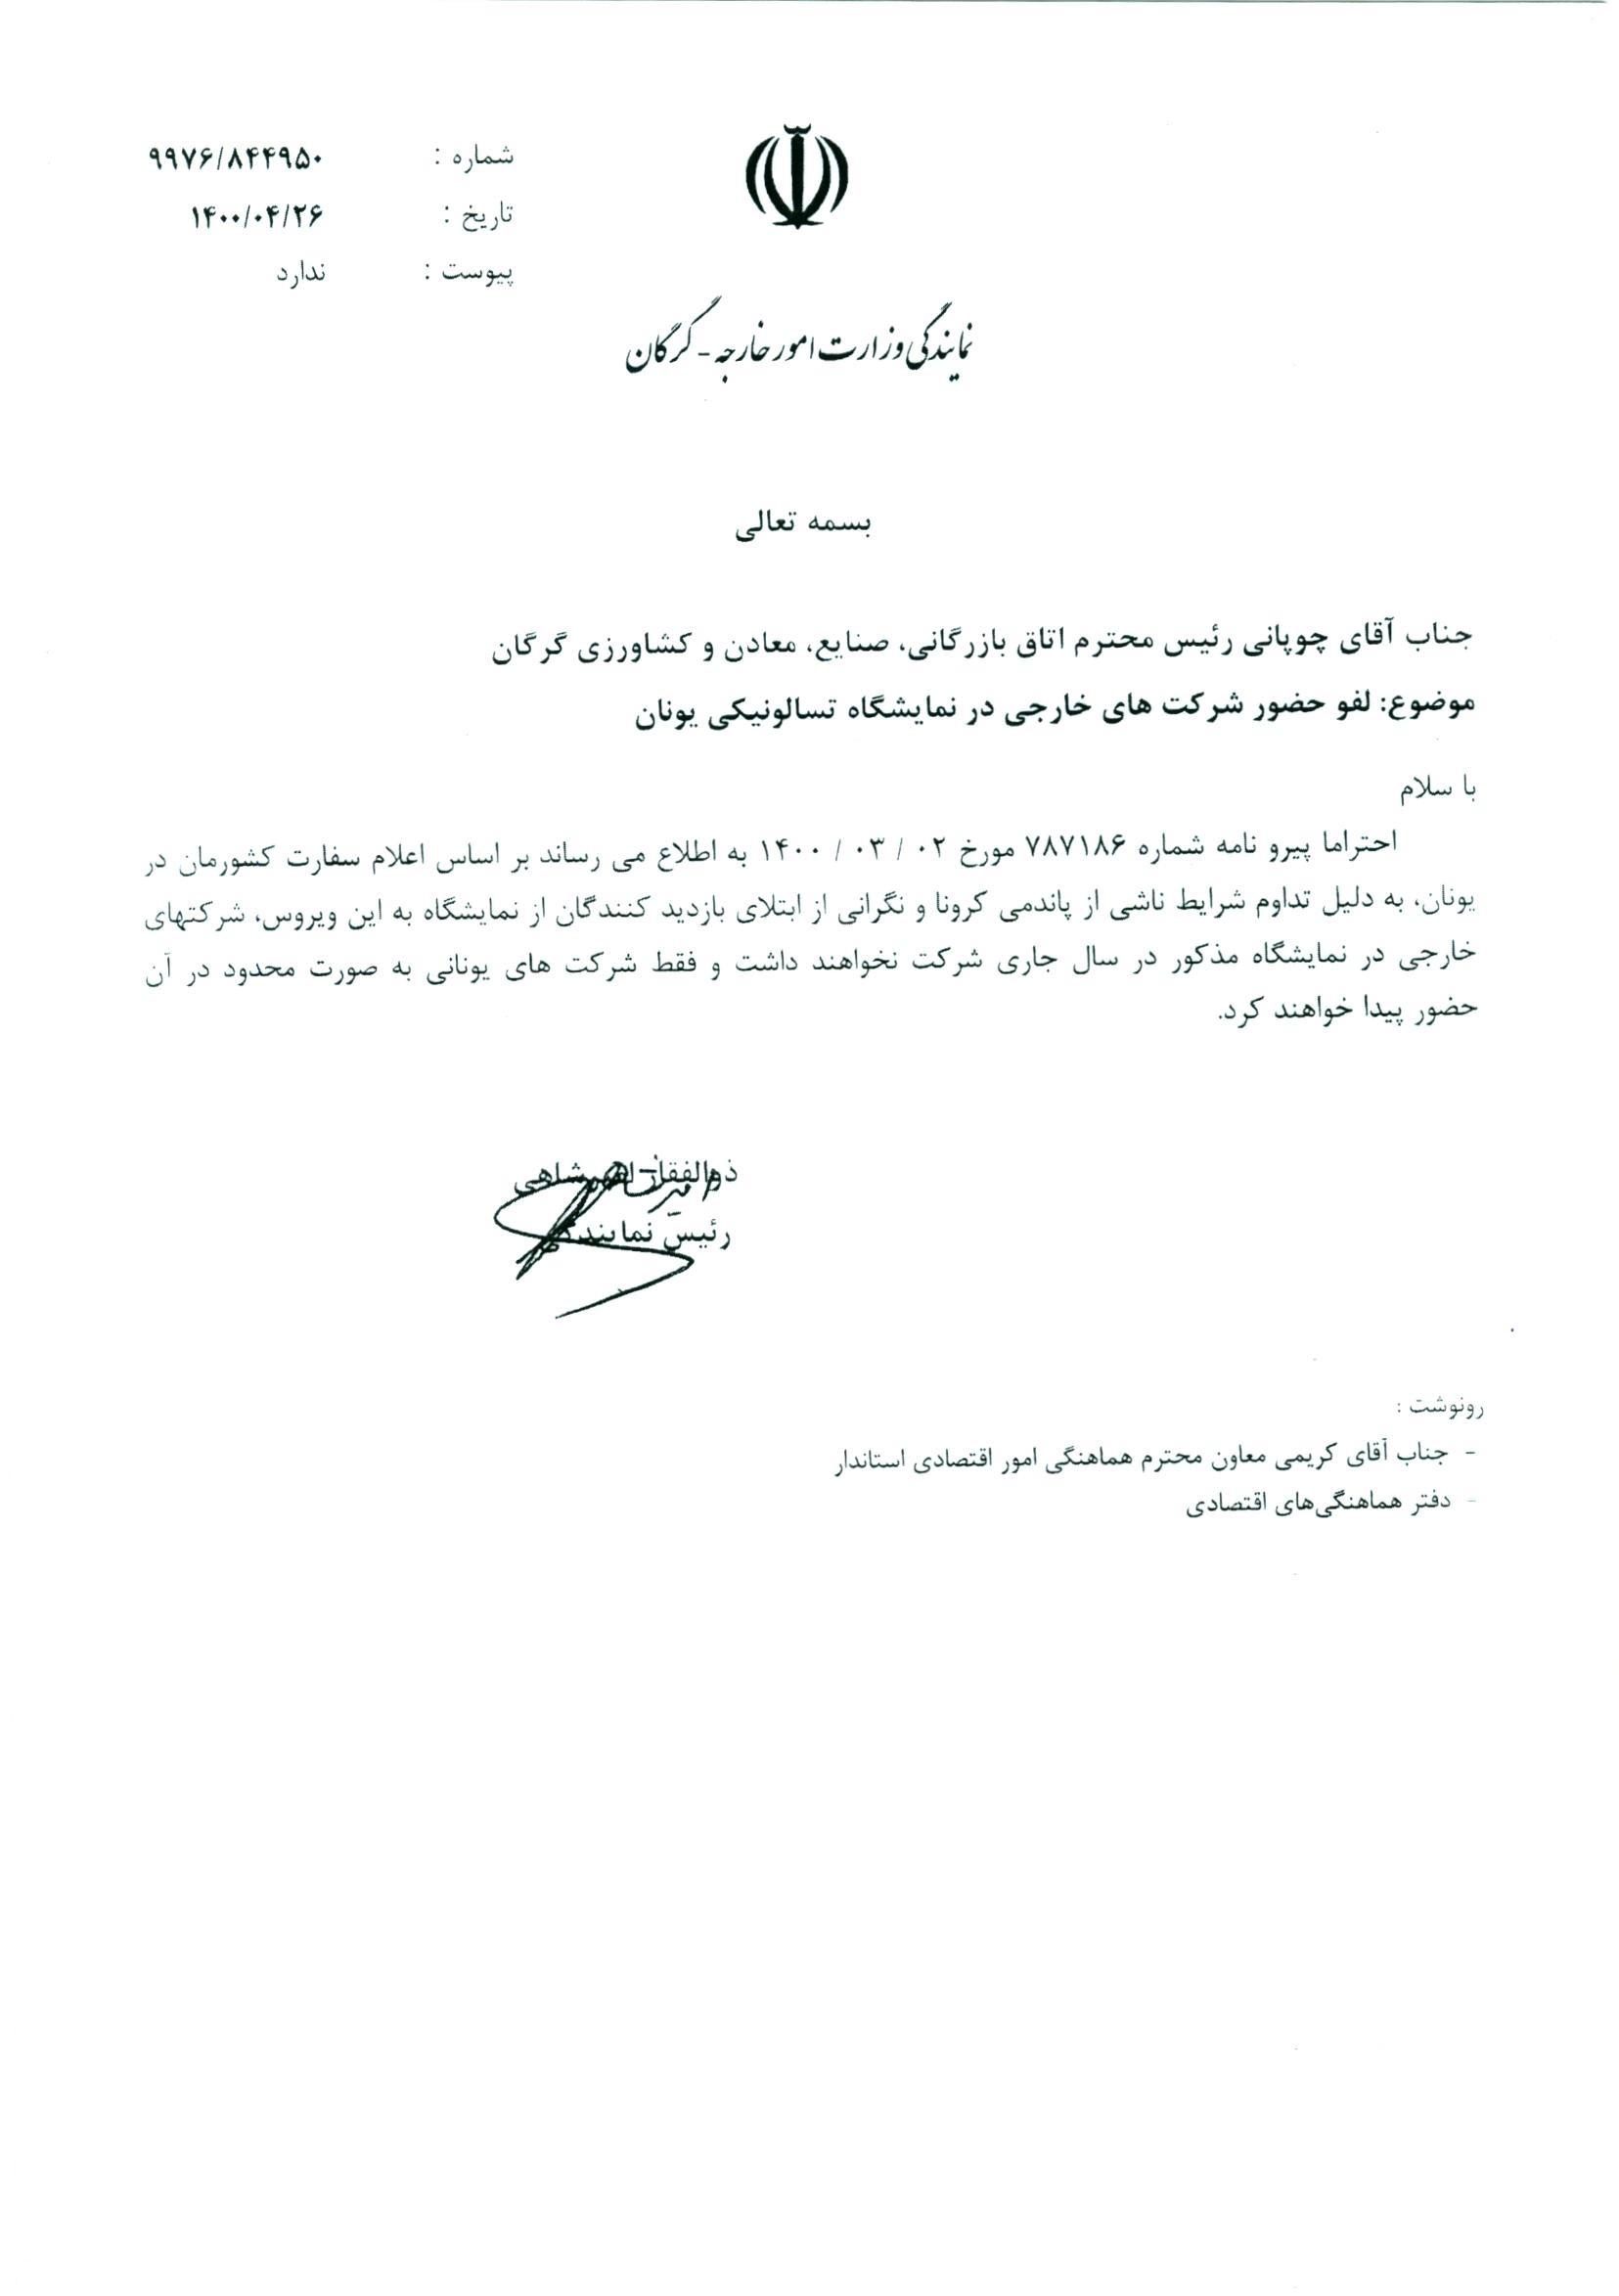 پاویون ایران در نمایشگاه بین المللی تخصصی صنعت و نوآوری بلاروس